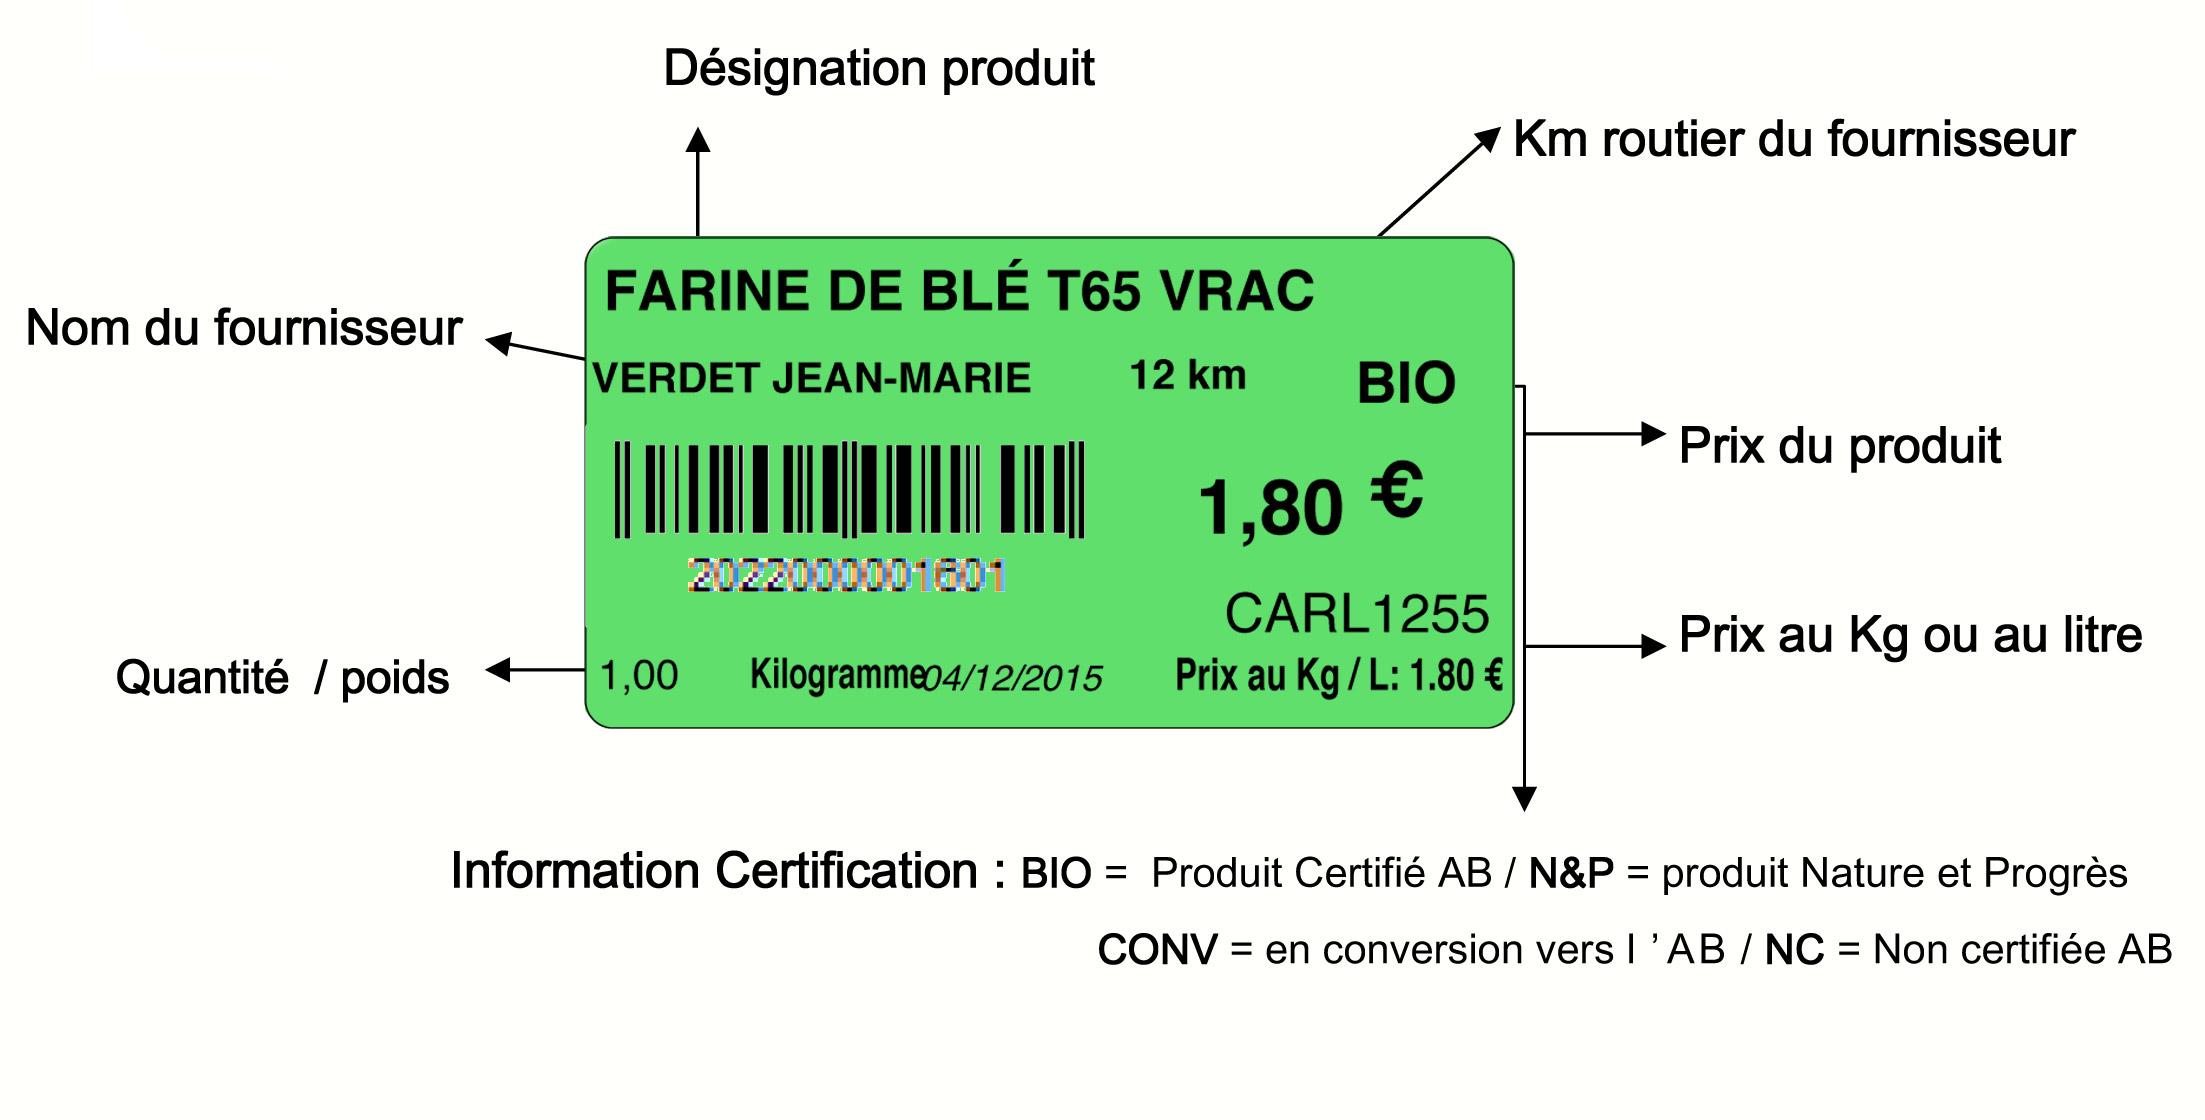 Les circuits d approvisionnement la carline - Tollens prix au litre ...